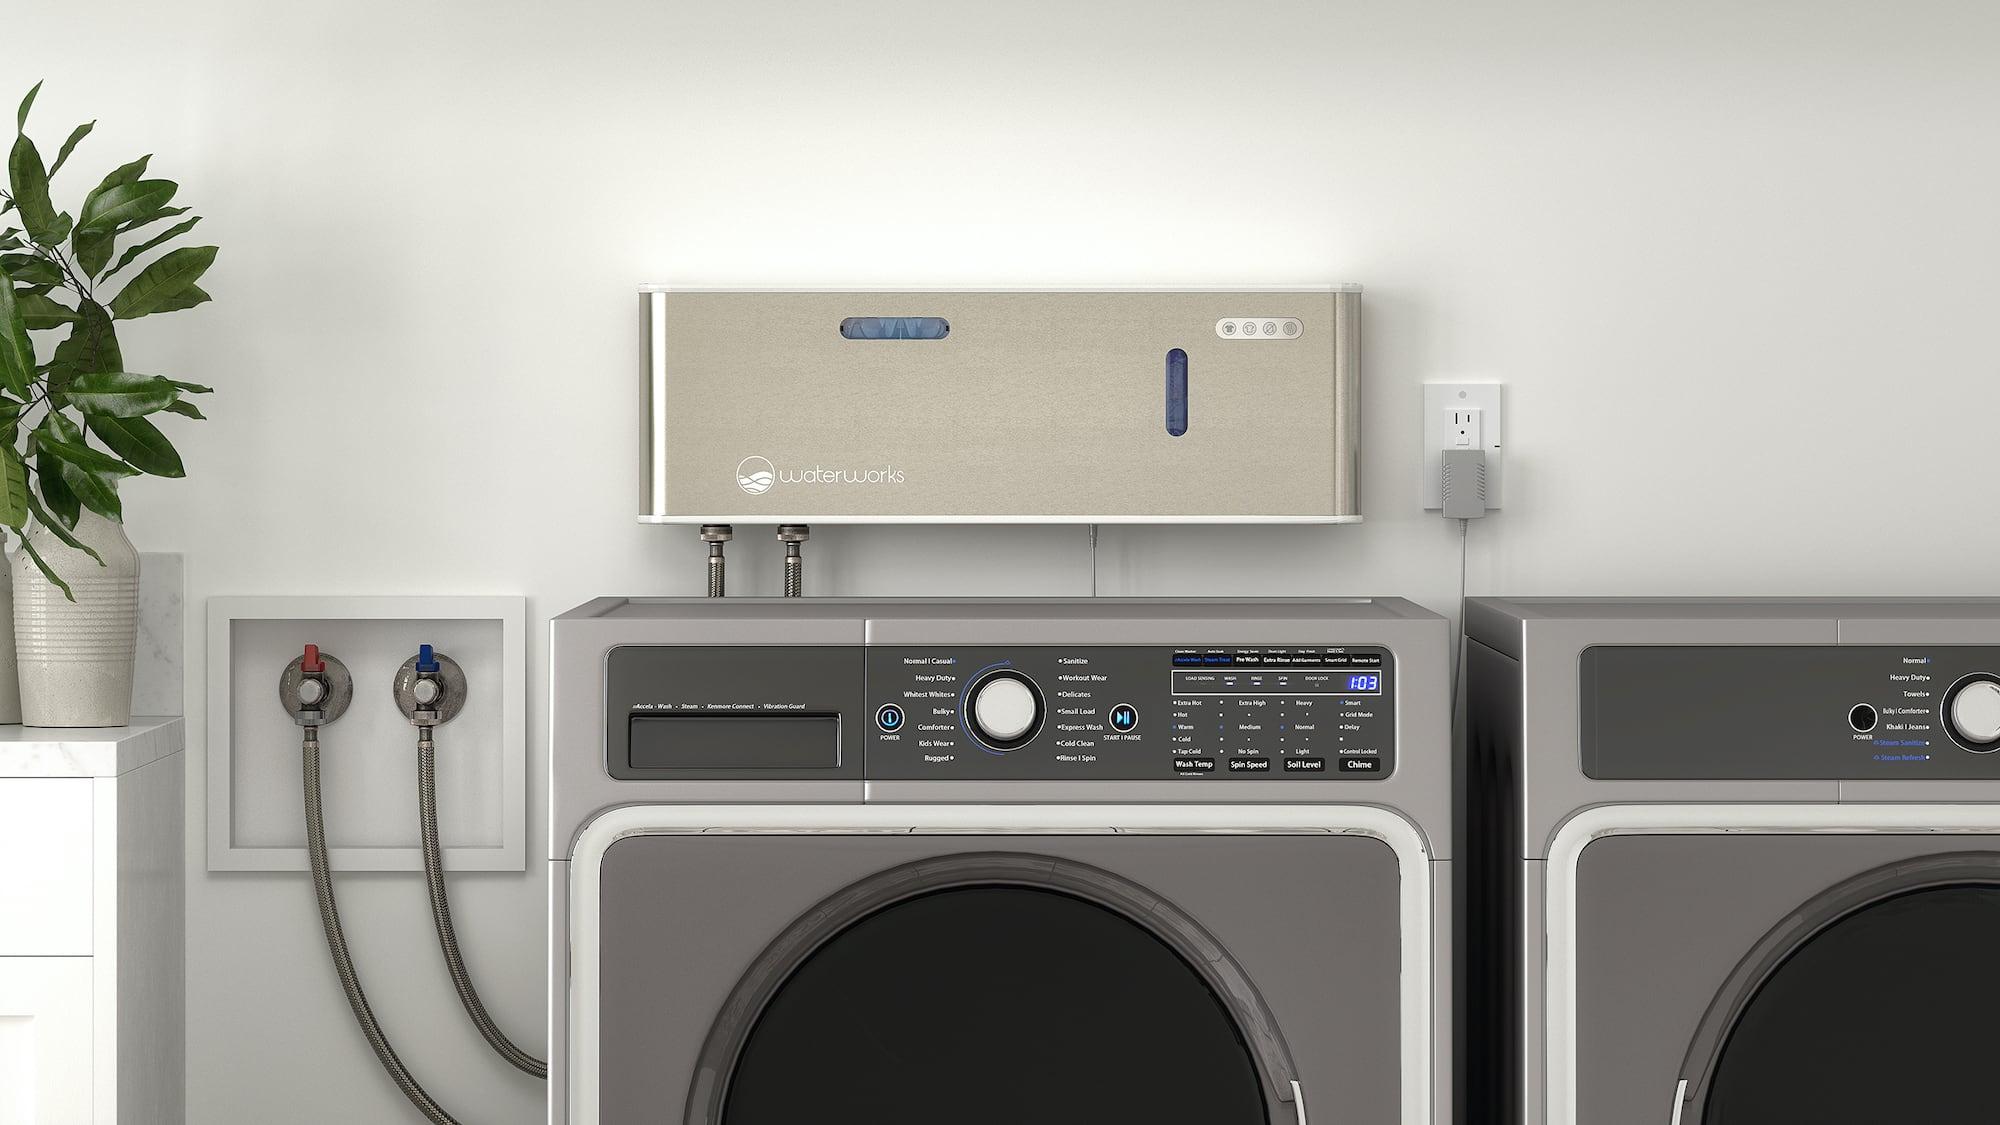 O3waterworks Aqueous Ozone Laundry System On-Demand Clothing Sanitizer